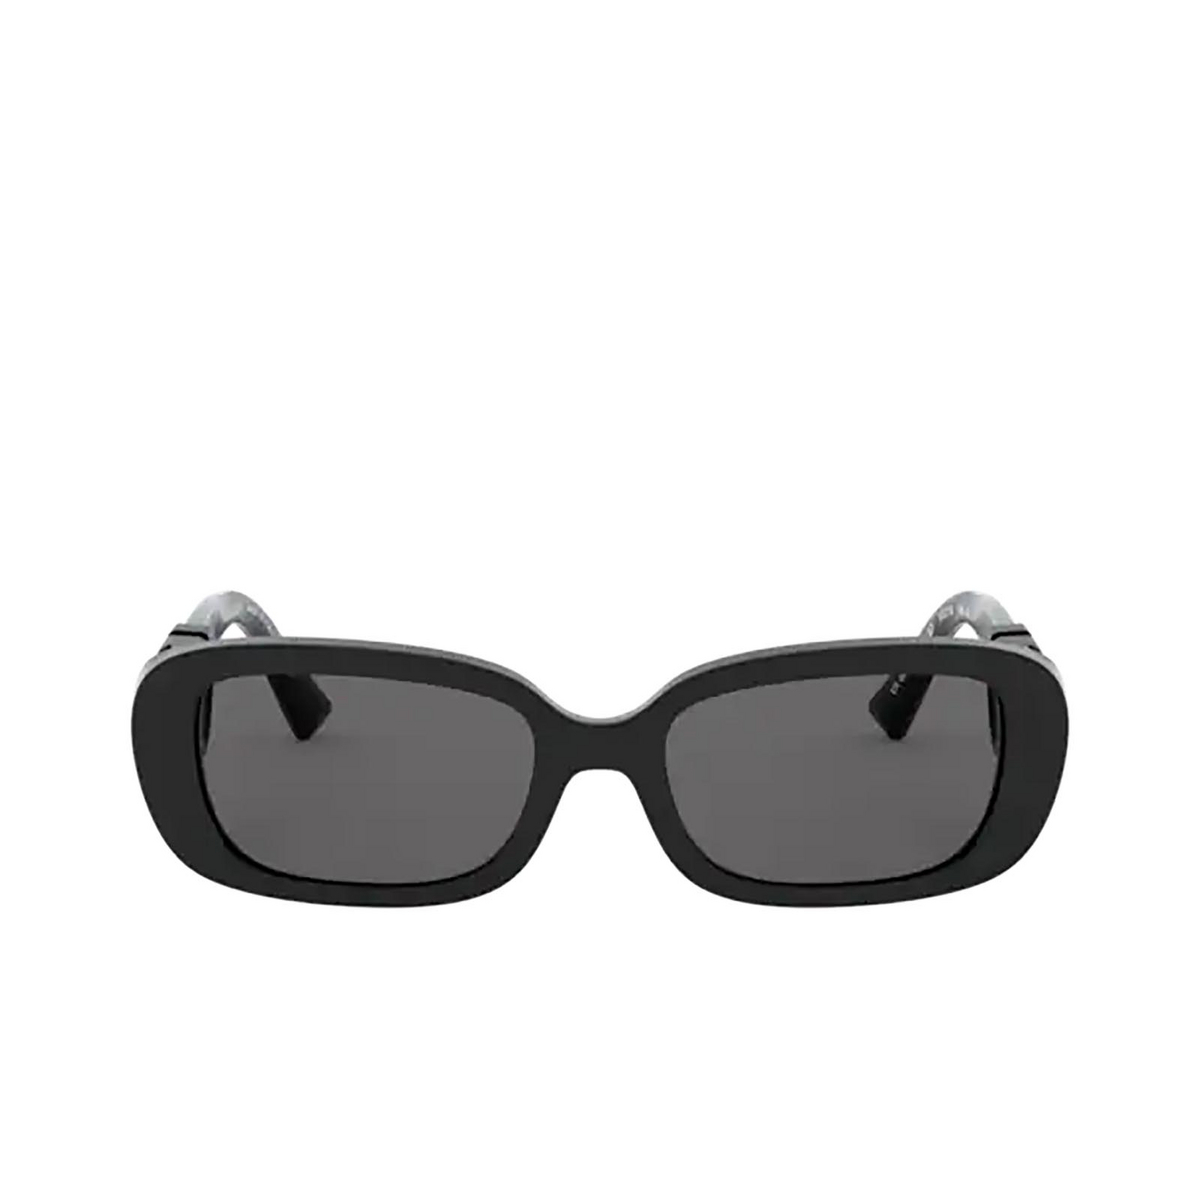 Valentino® Oval Sunglasses: VA4067 color Black 500187 - front view.